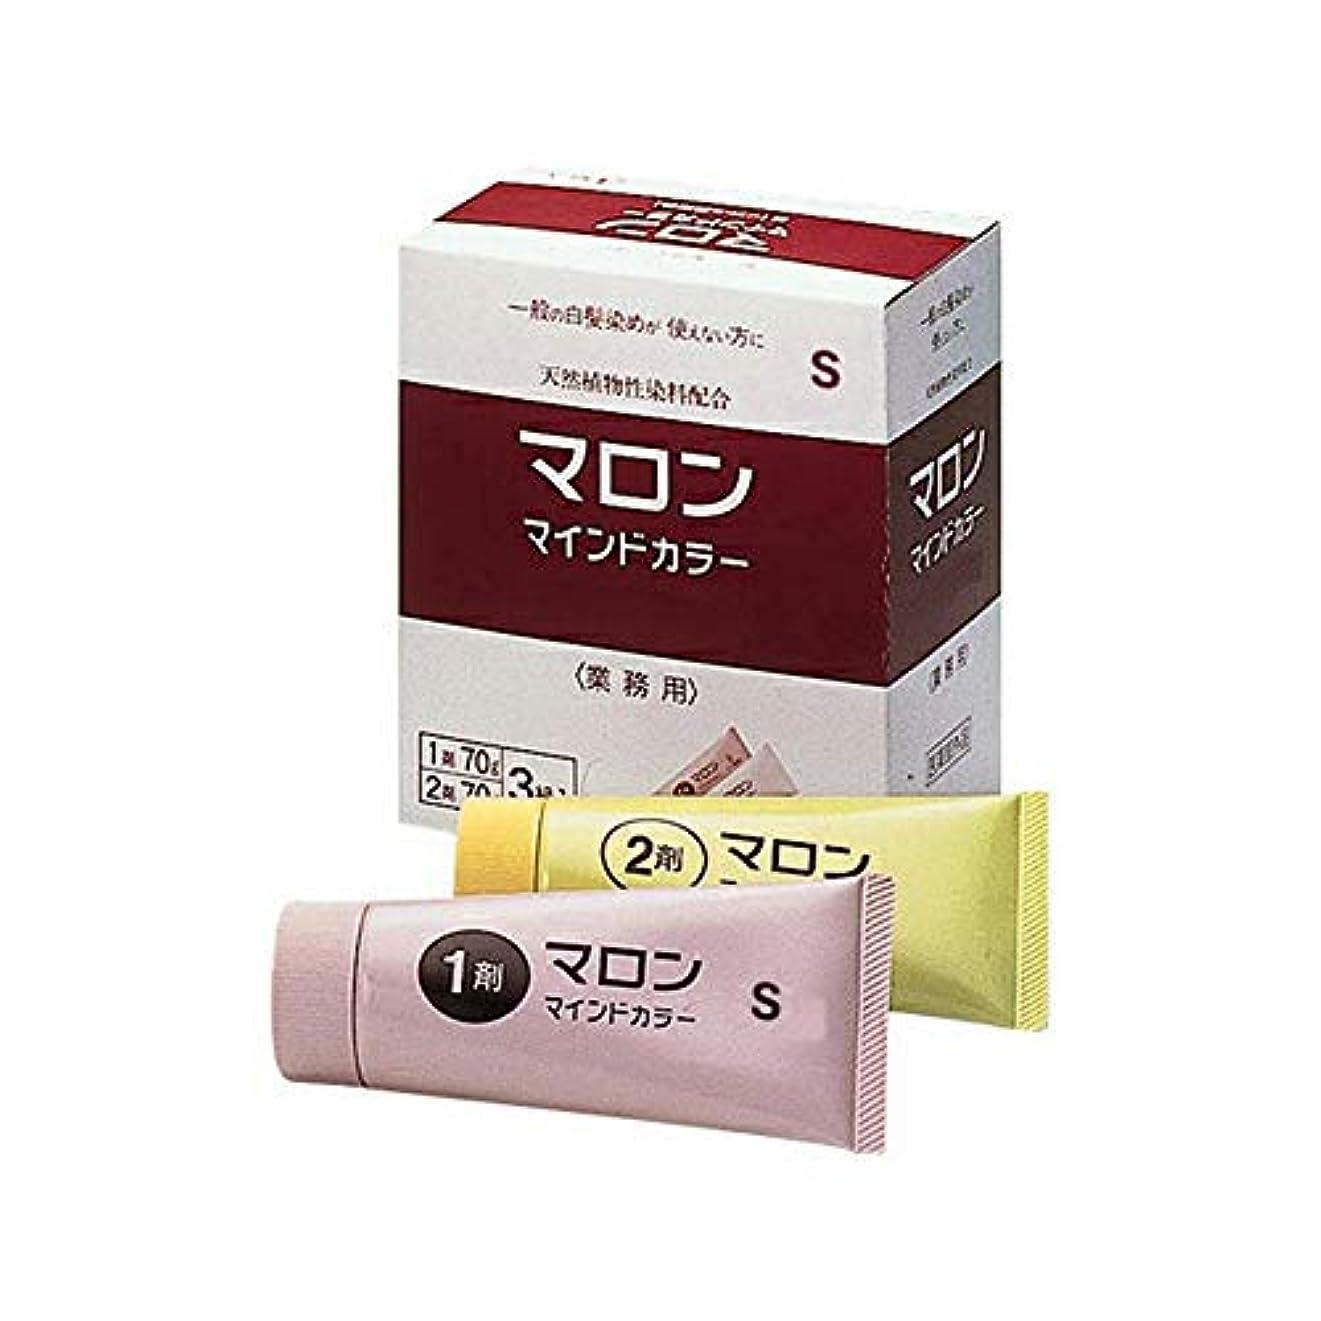 しわ原子炉乳製品【サイオス】マロン マインドカラー S ソフトな黒褐色 70g×3/70g×3